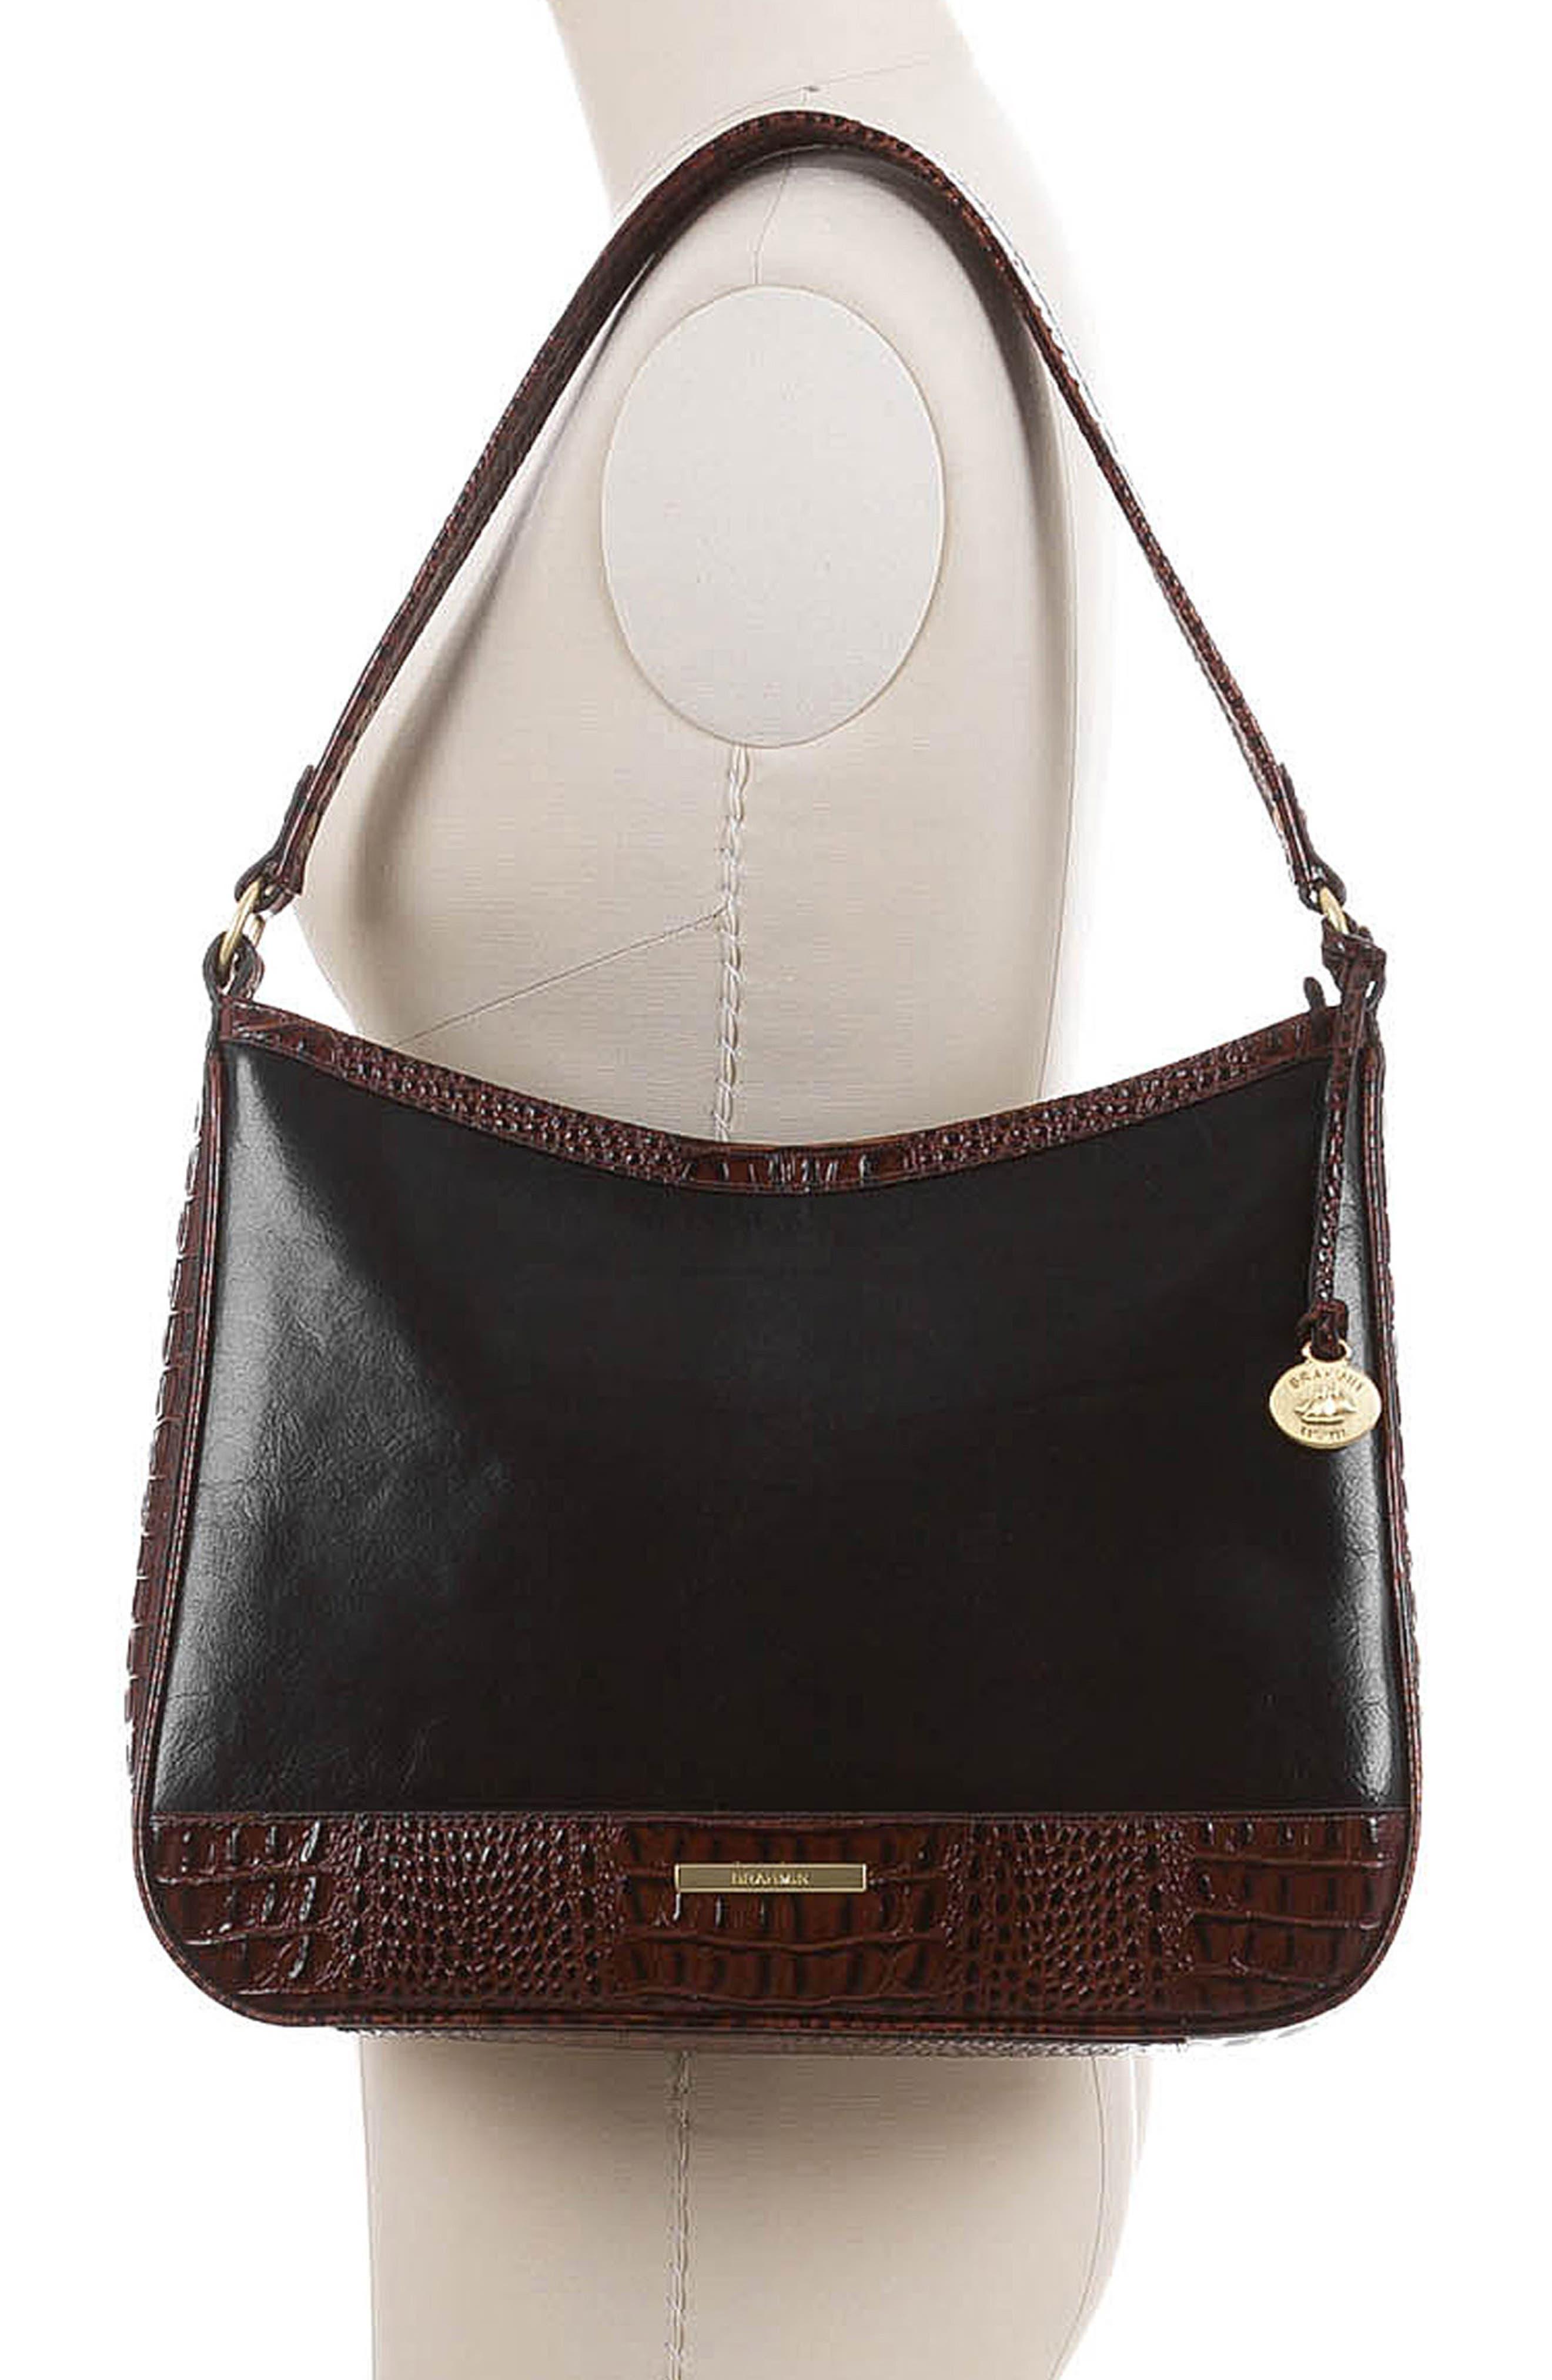 BRAHMIN, Noelle Leather Hobo Bag, Alternate thumbnail 2, color, 001